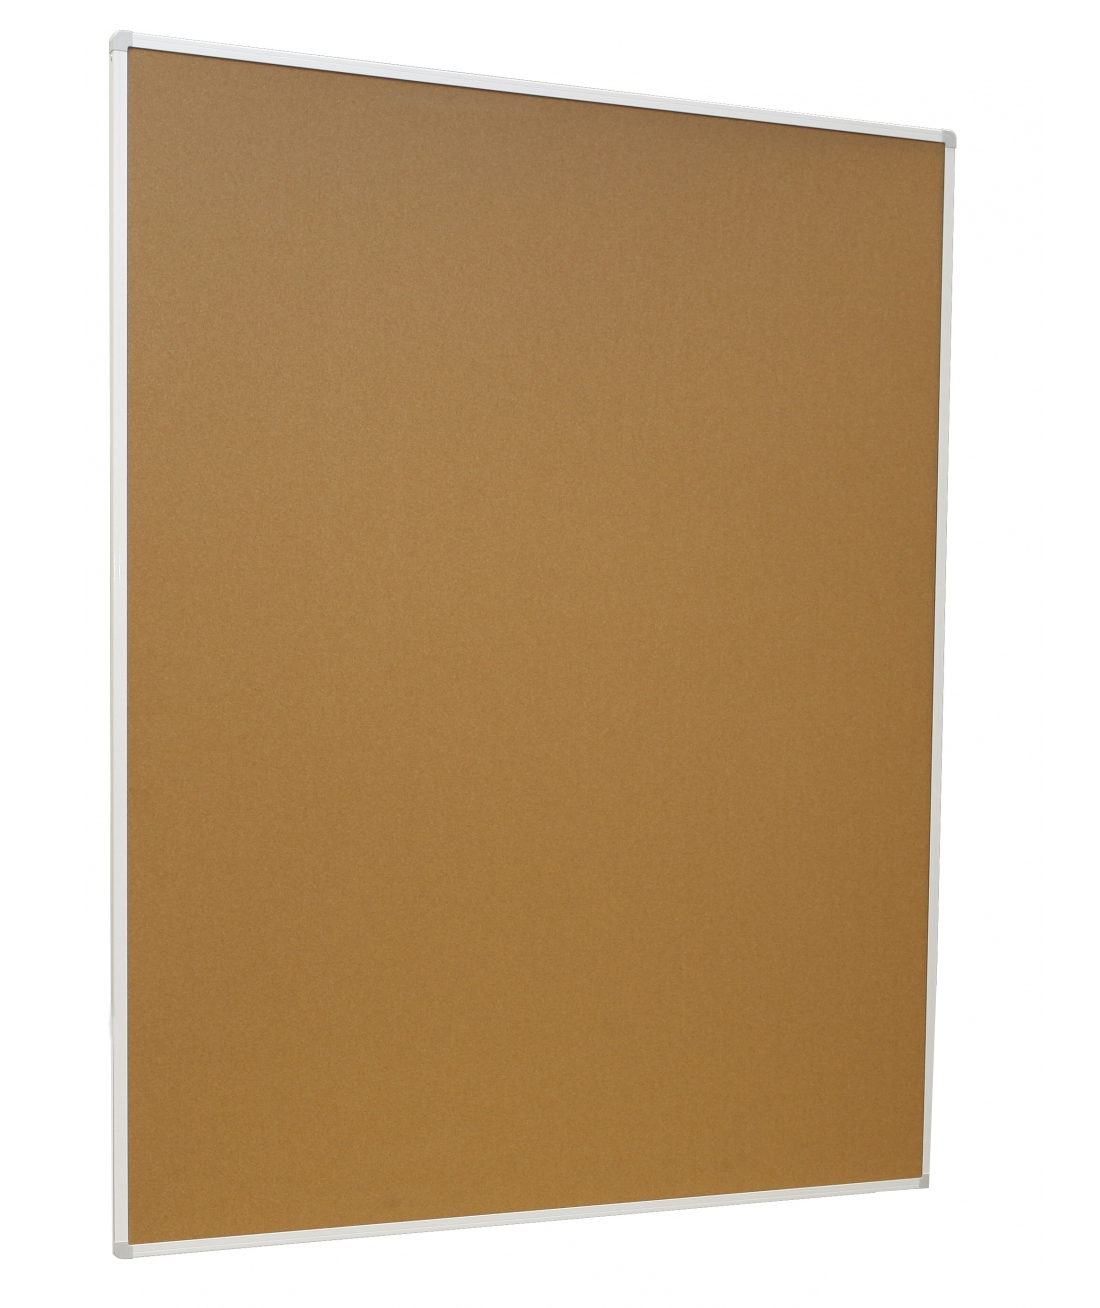 Доска модерационная 120х120см., пробковая, алюминиевая рамка 2x3 - фото 2